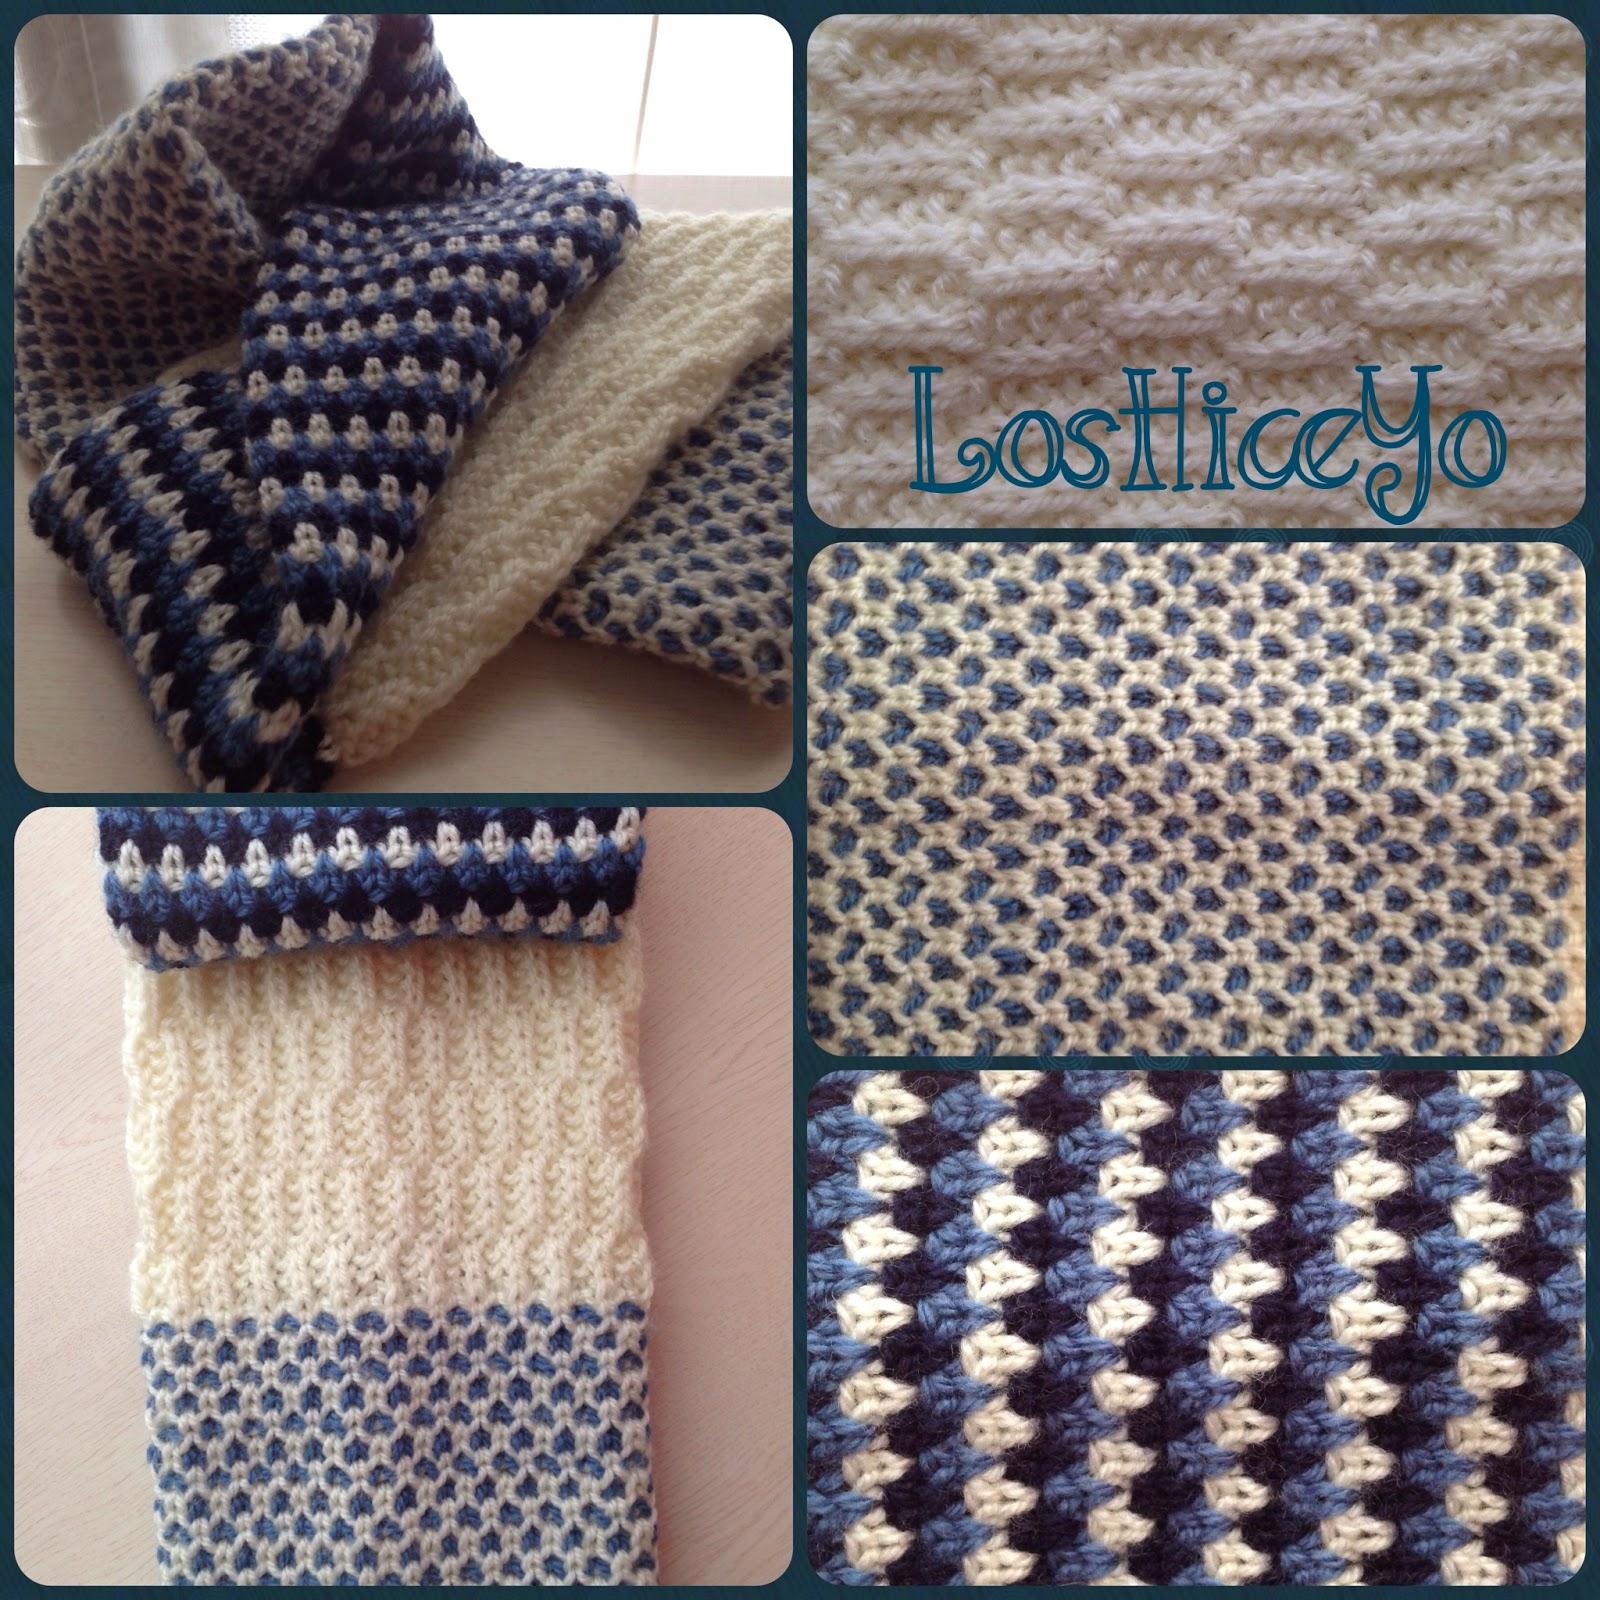 LosHiceYo - Stitch Block Cowl